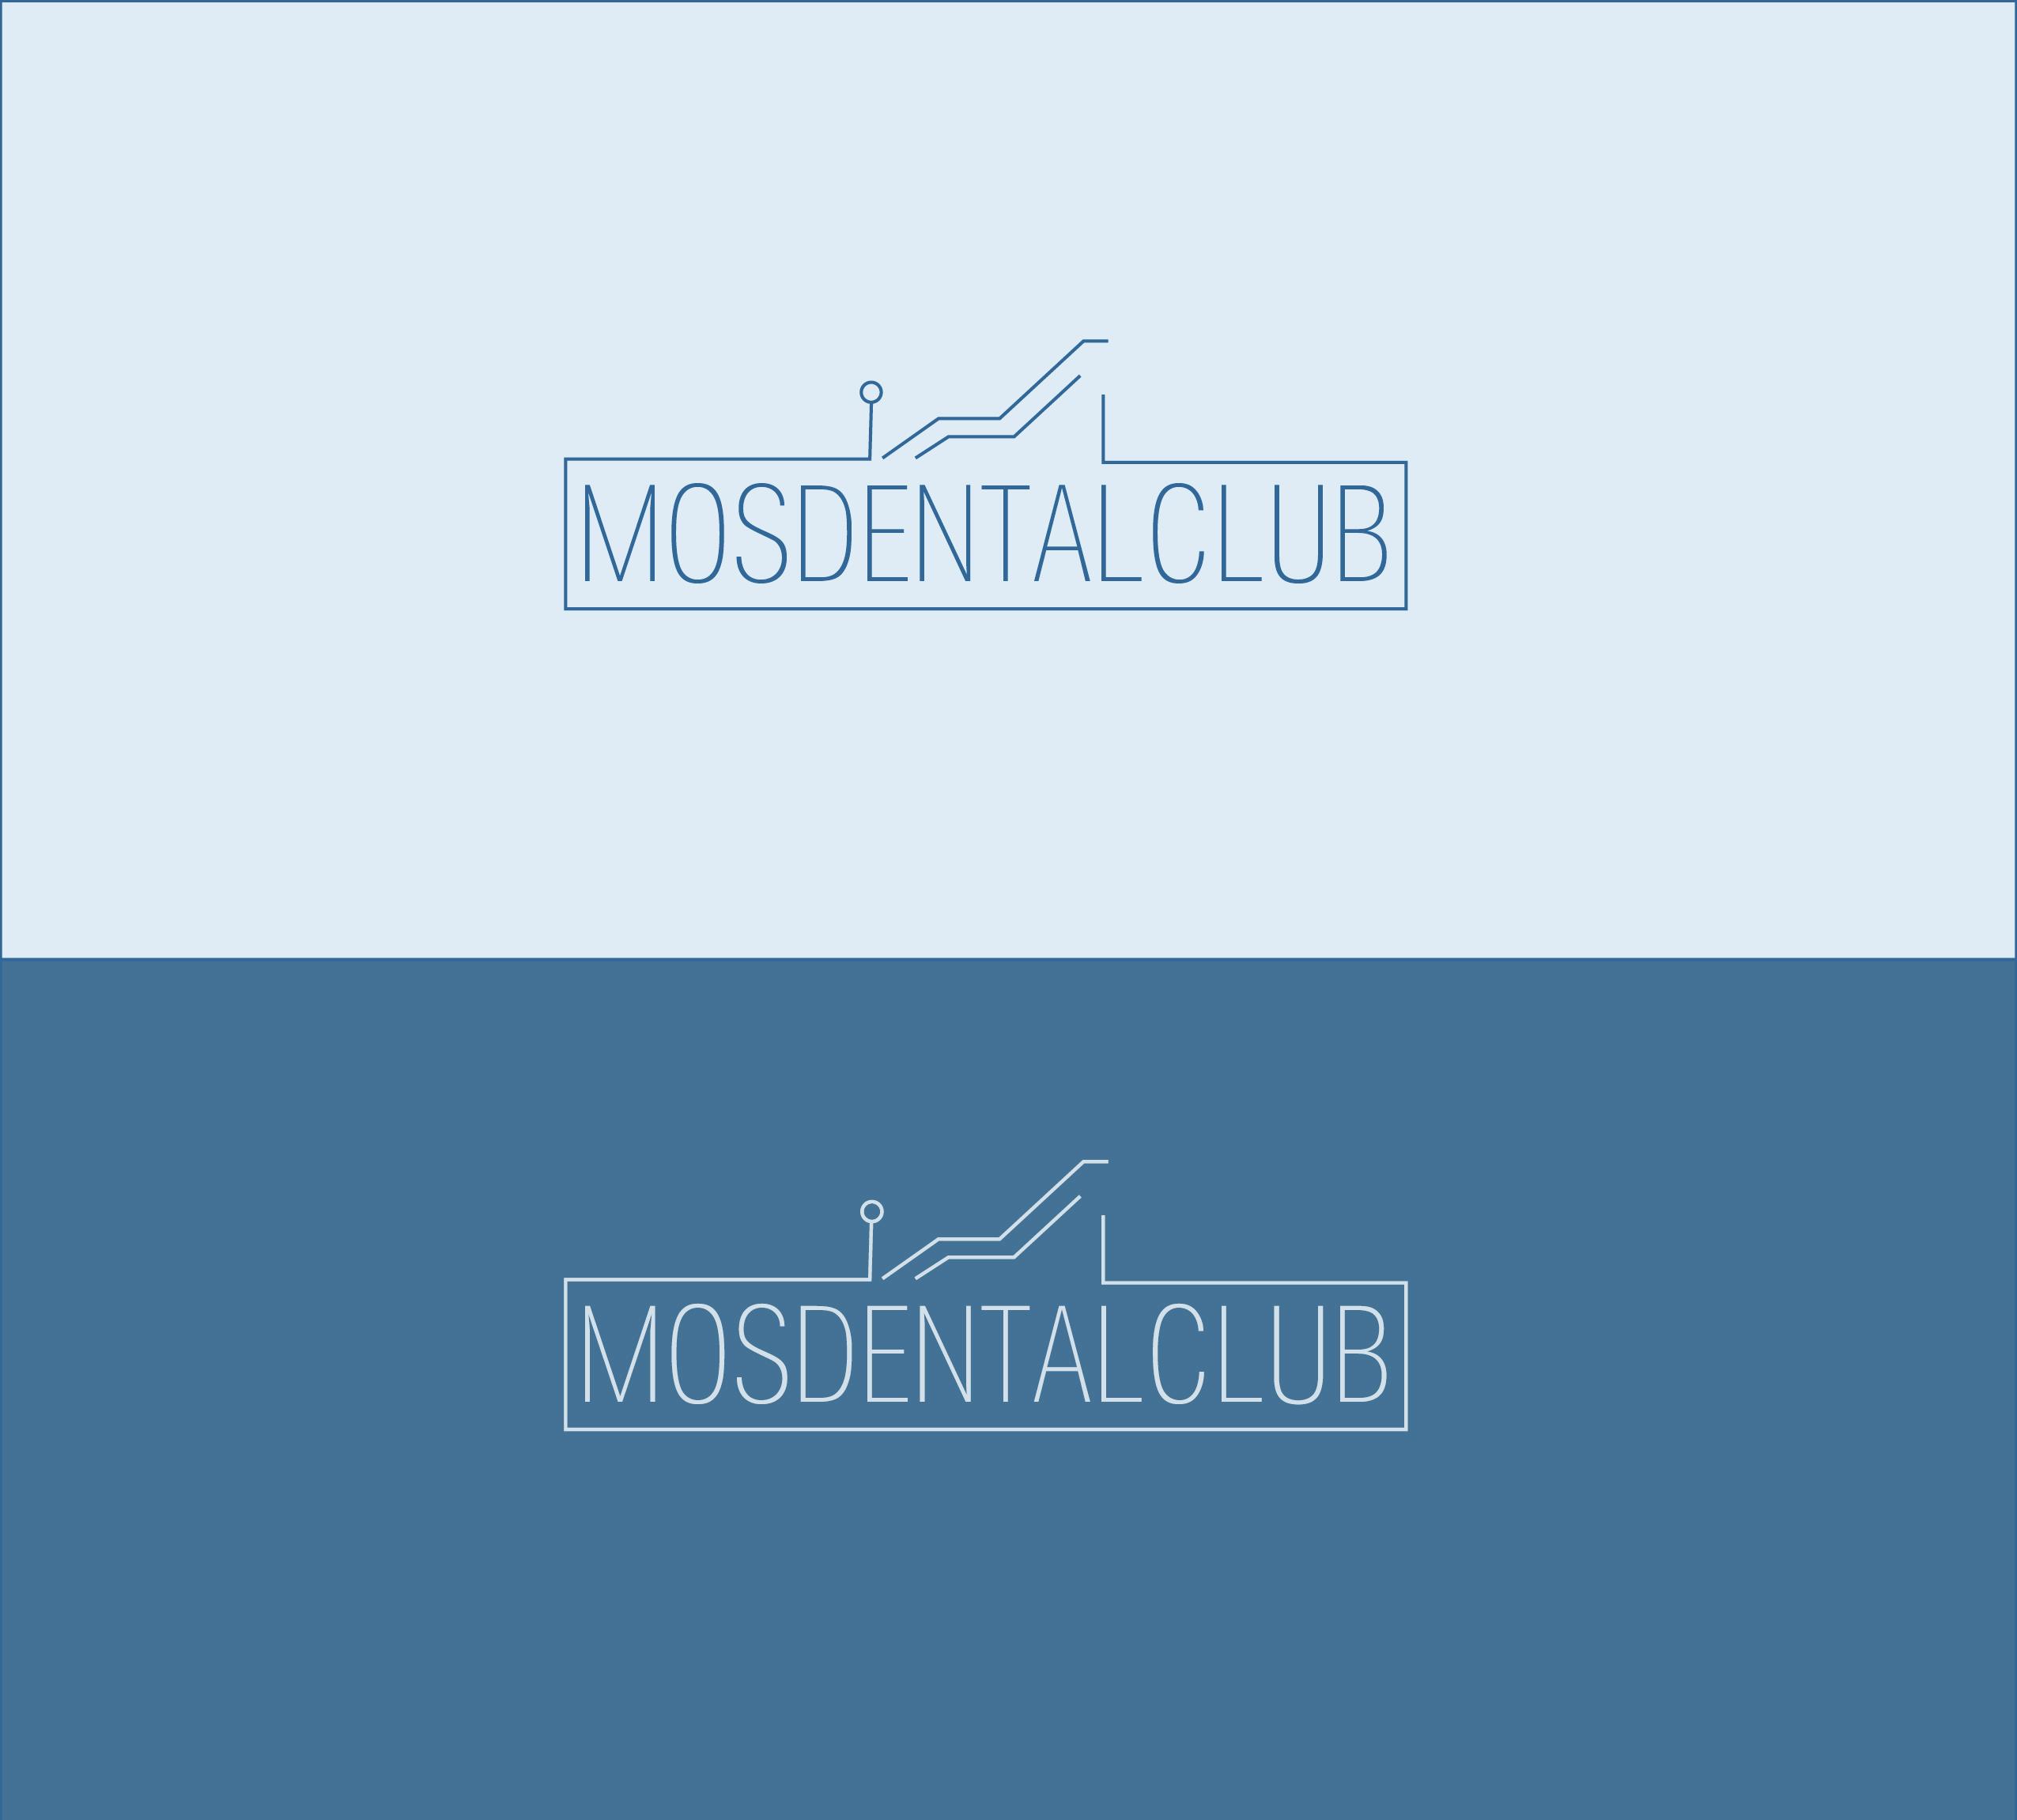 Разработка логотипа стоматологического медицинского центра фото f_2995e48ff1b15c01.jpg